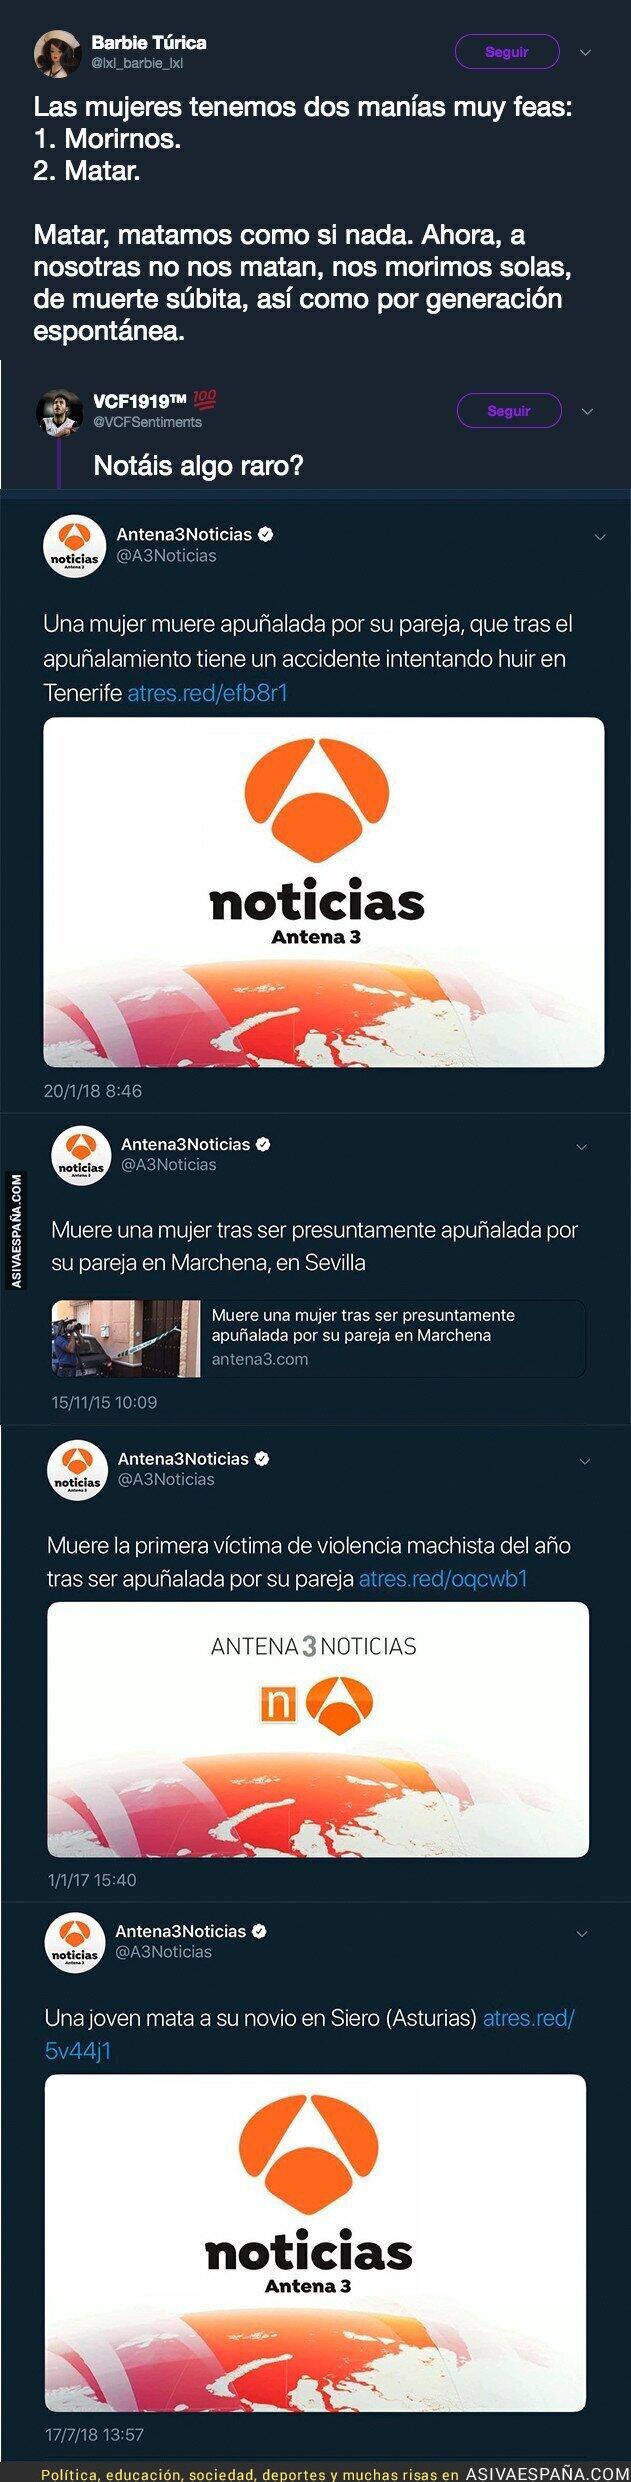 89812 - La gran diferencia de titulares en Antena 3 cuando una mujer es asesinada por un hombre y cuando un hombre asesina a una mujer